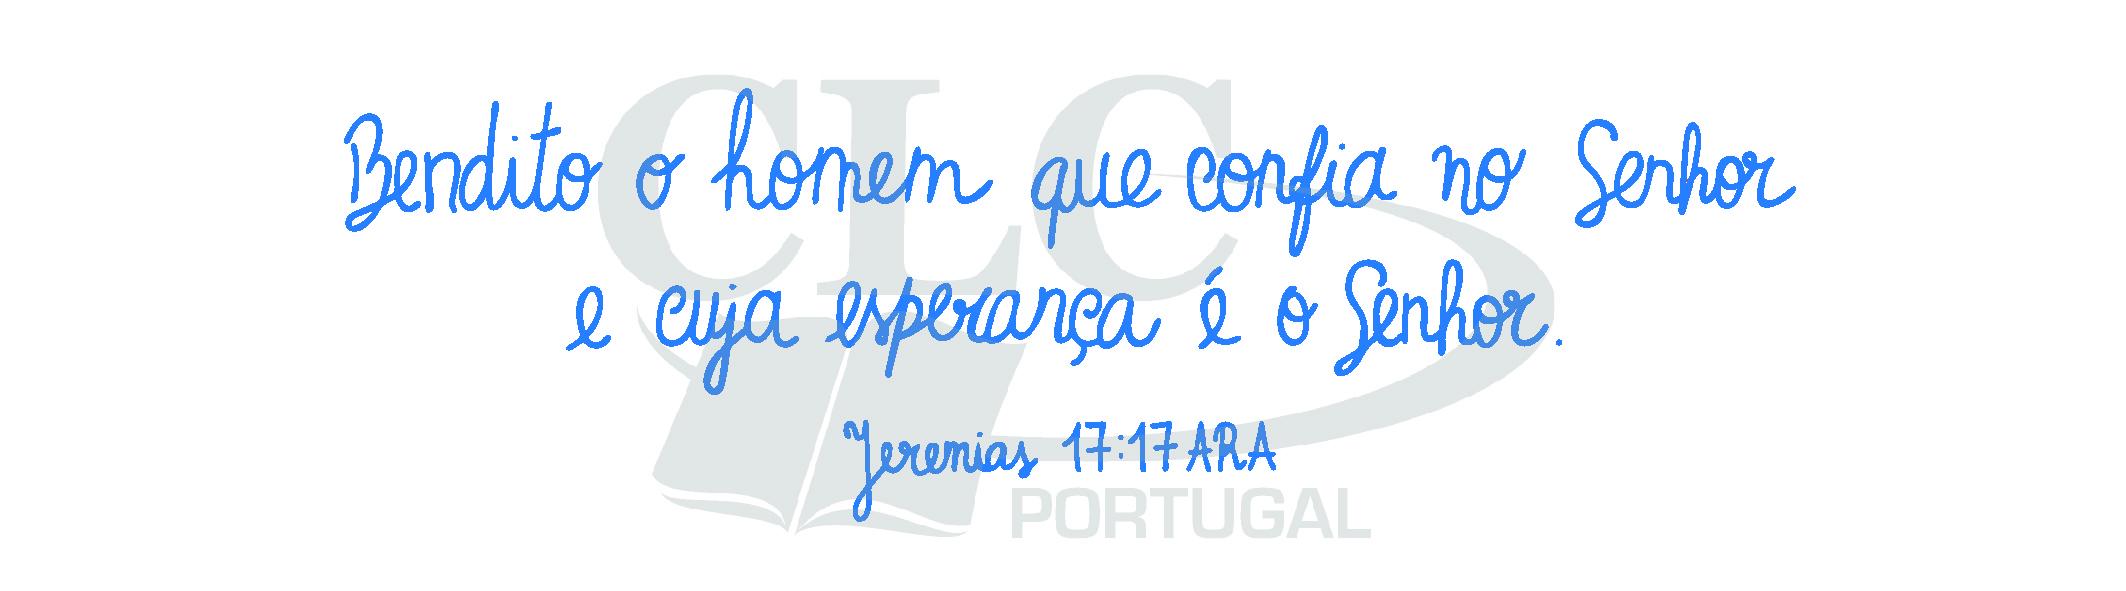 Marcador Jeremias 17:17